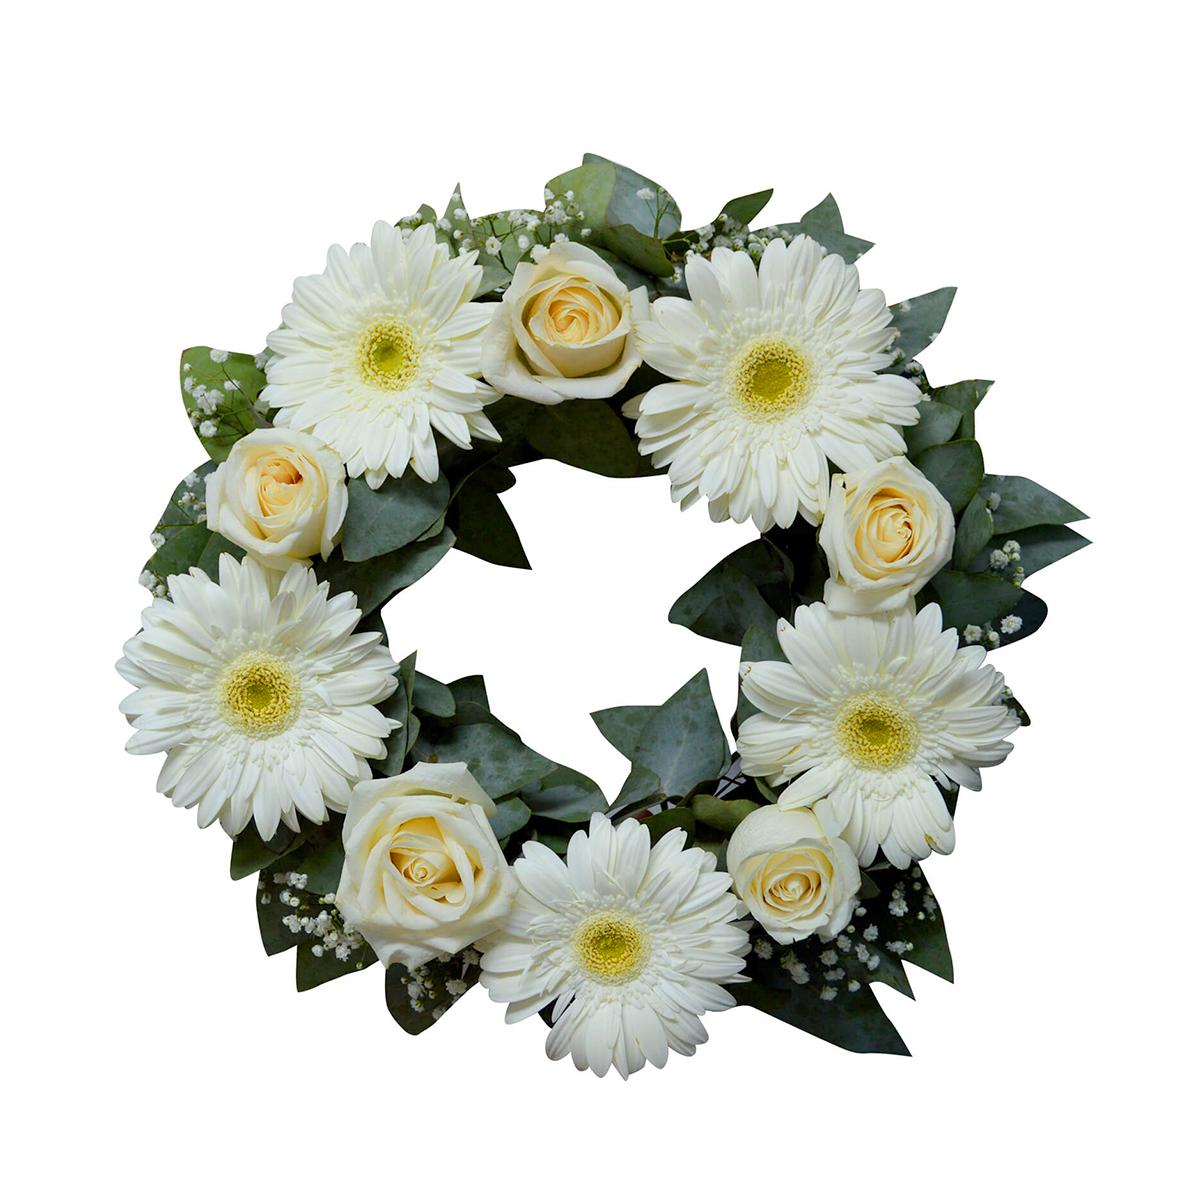 Coronas con Rosas Blancas y Gerberas